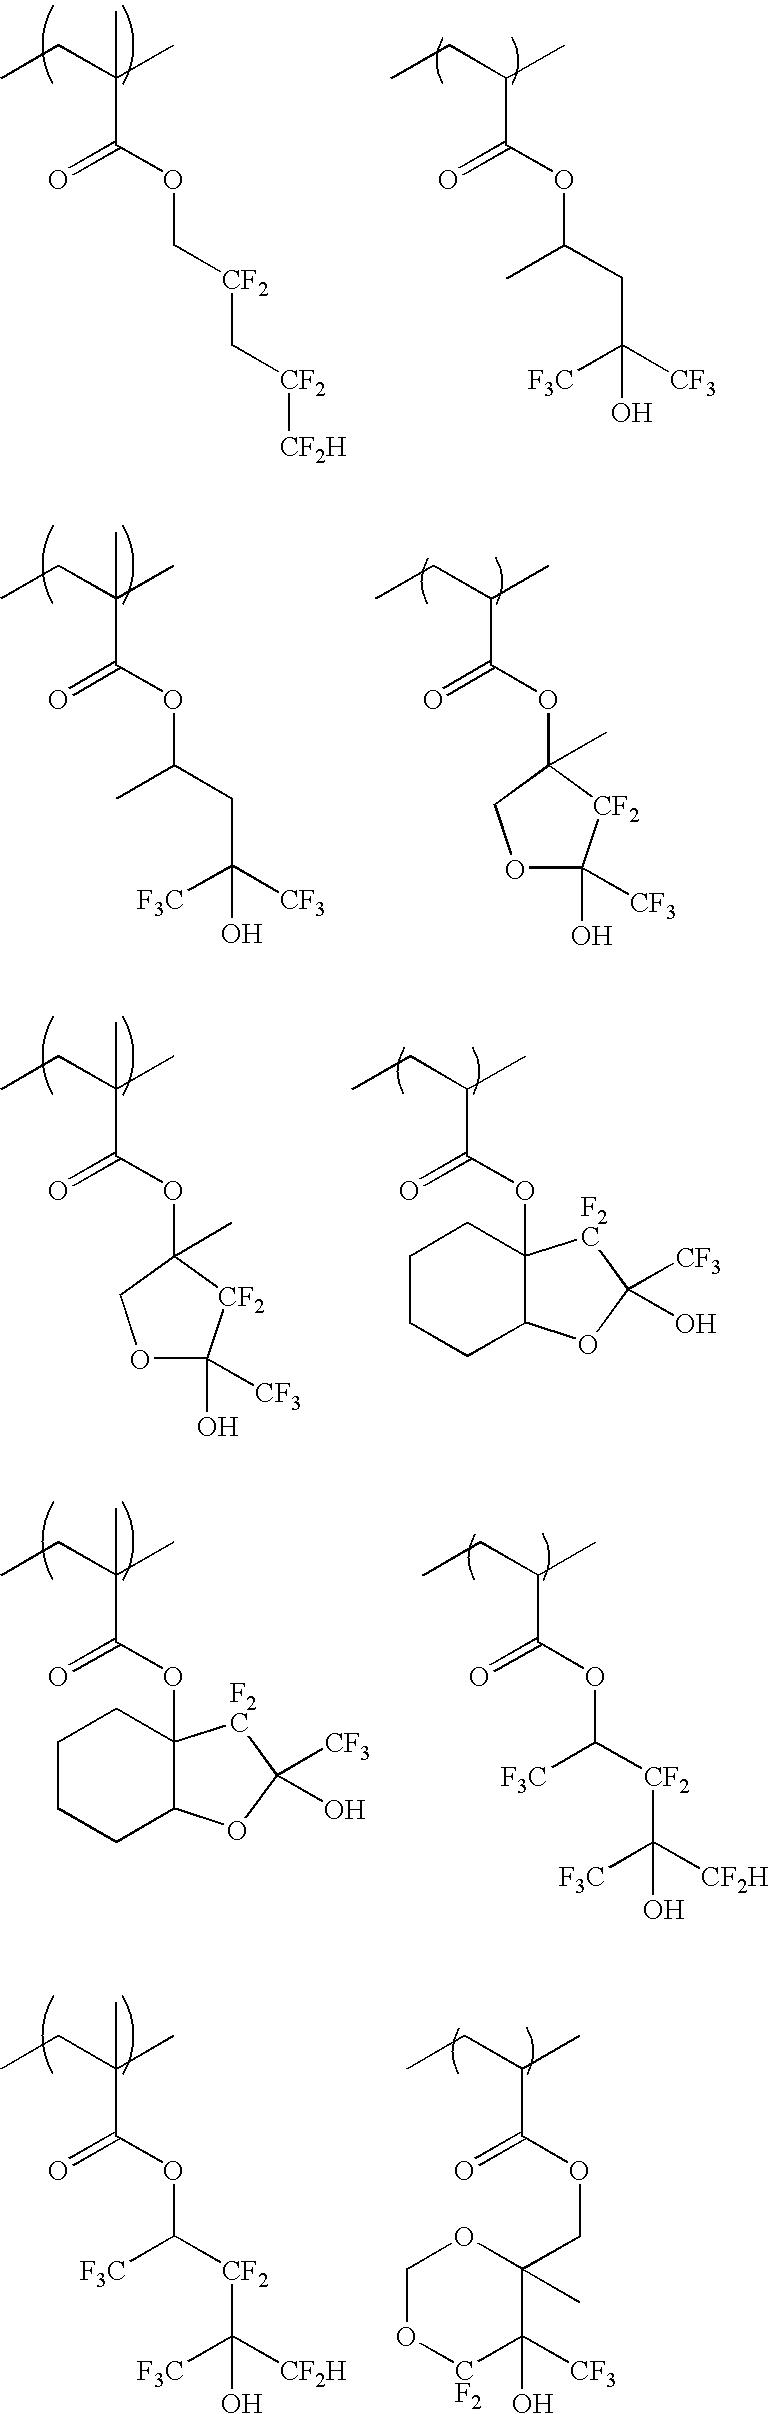 Figure US20090280434A1-20091112-C00033